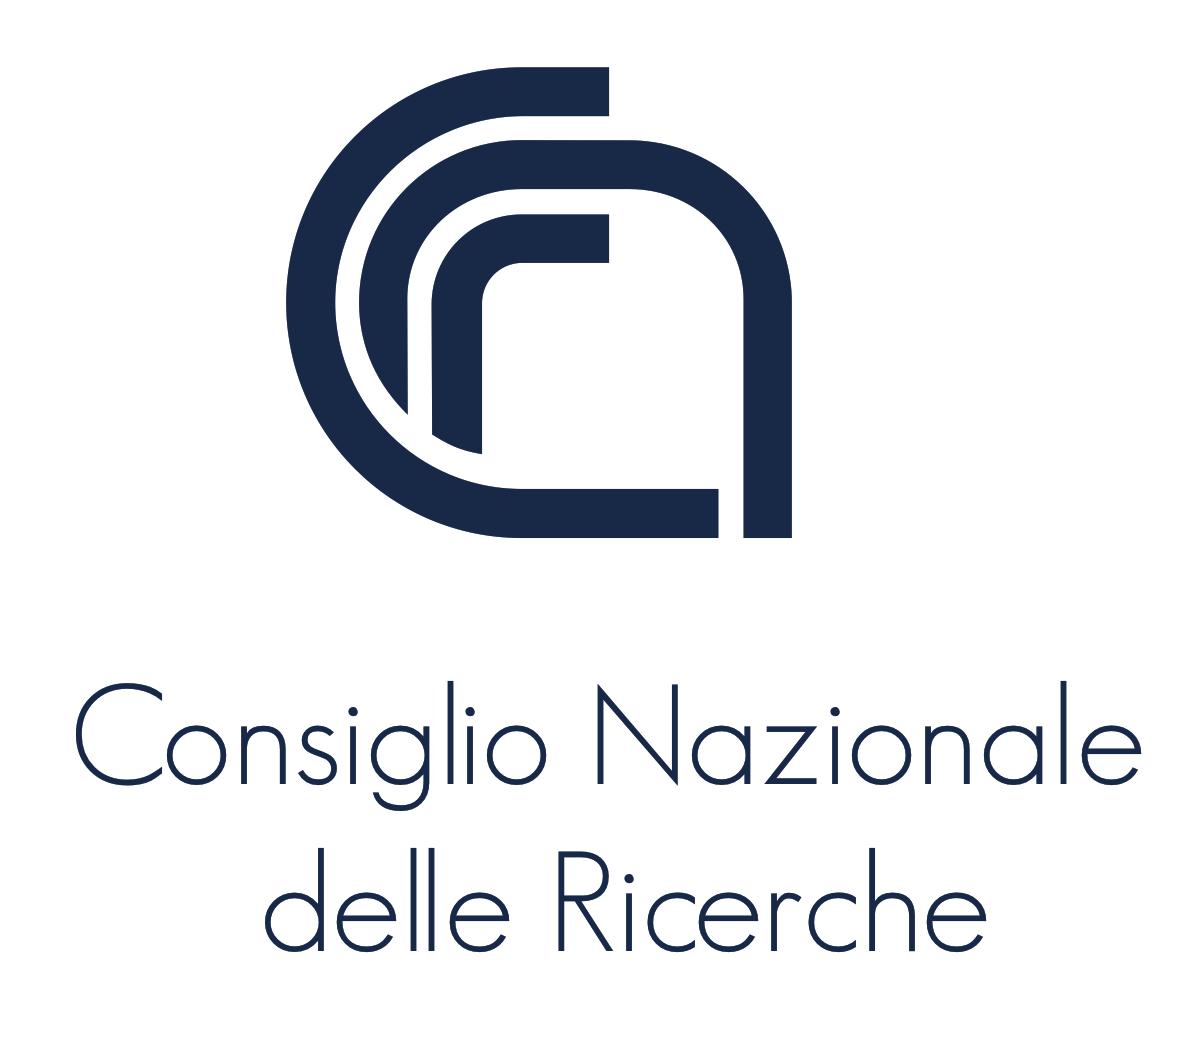 Centro Nazionale delle Ricerche (1) (1).png